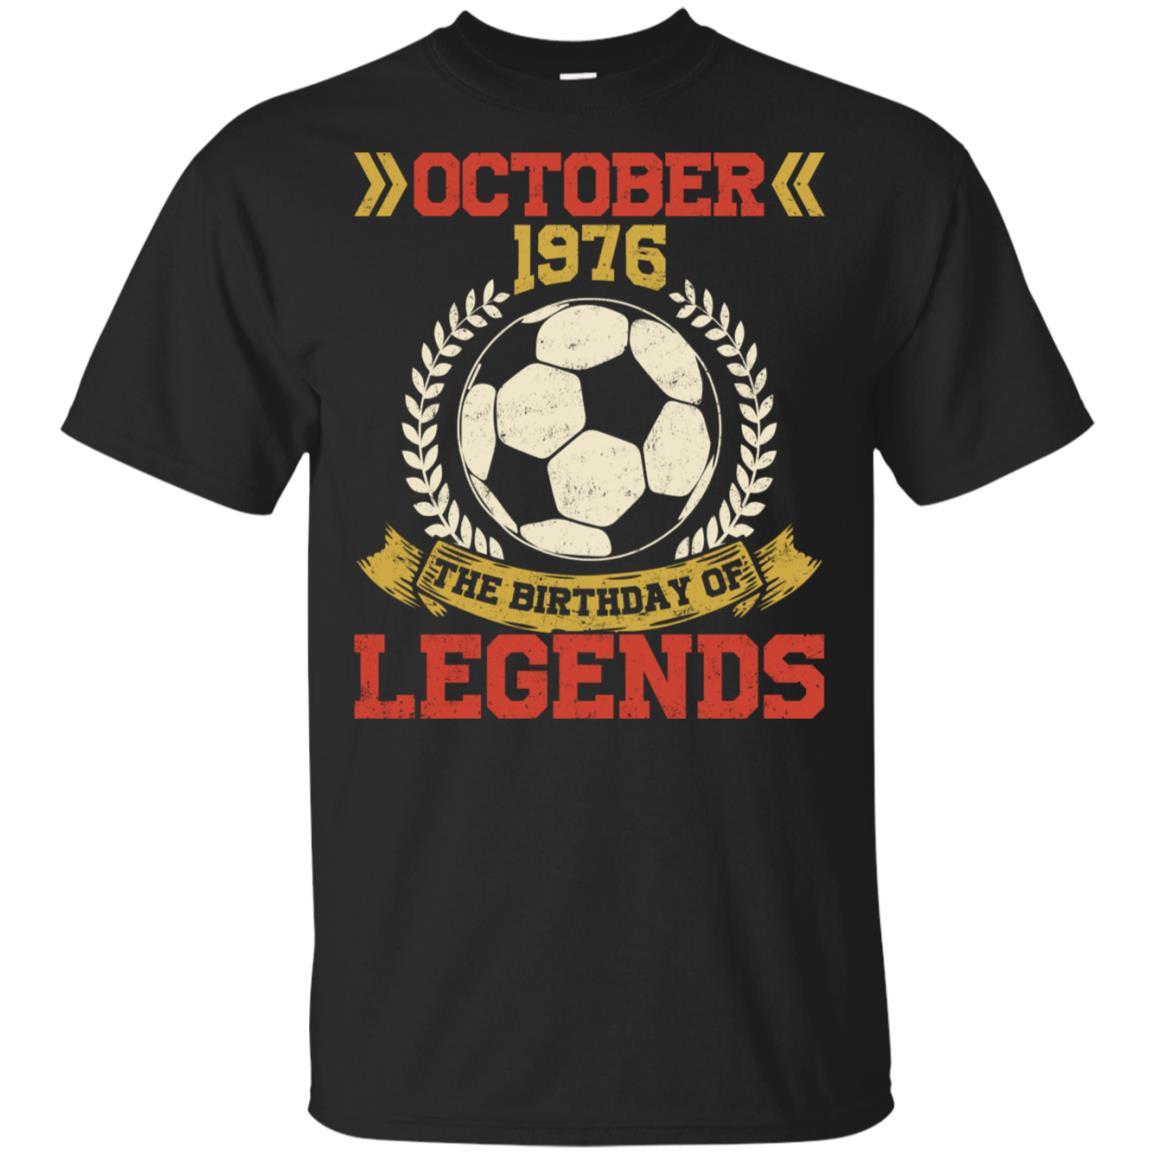 1976 October 42nd Birthday Of Football Soccer Legend Unisex Short Sleeve